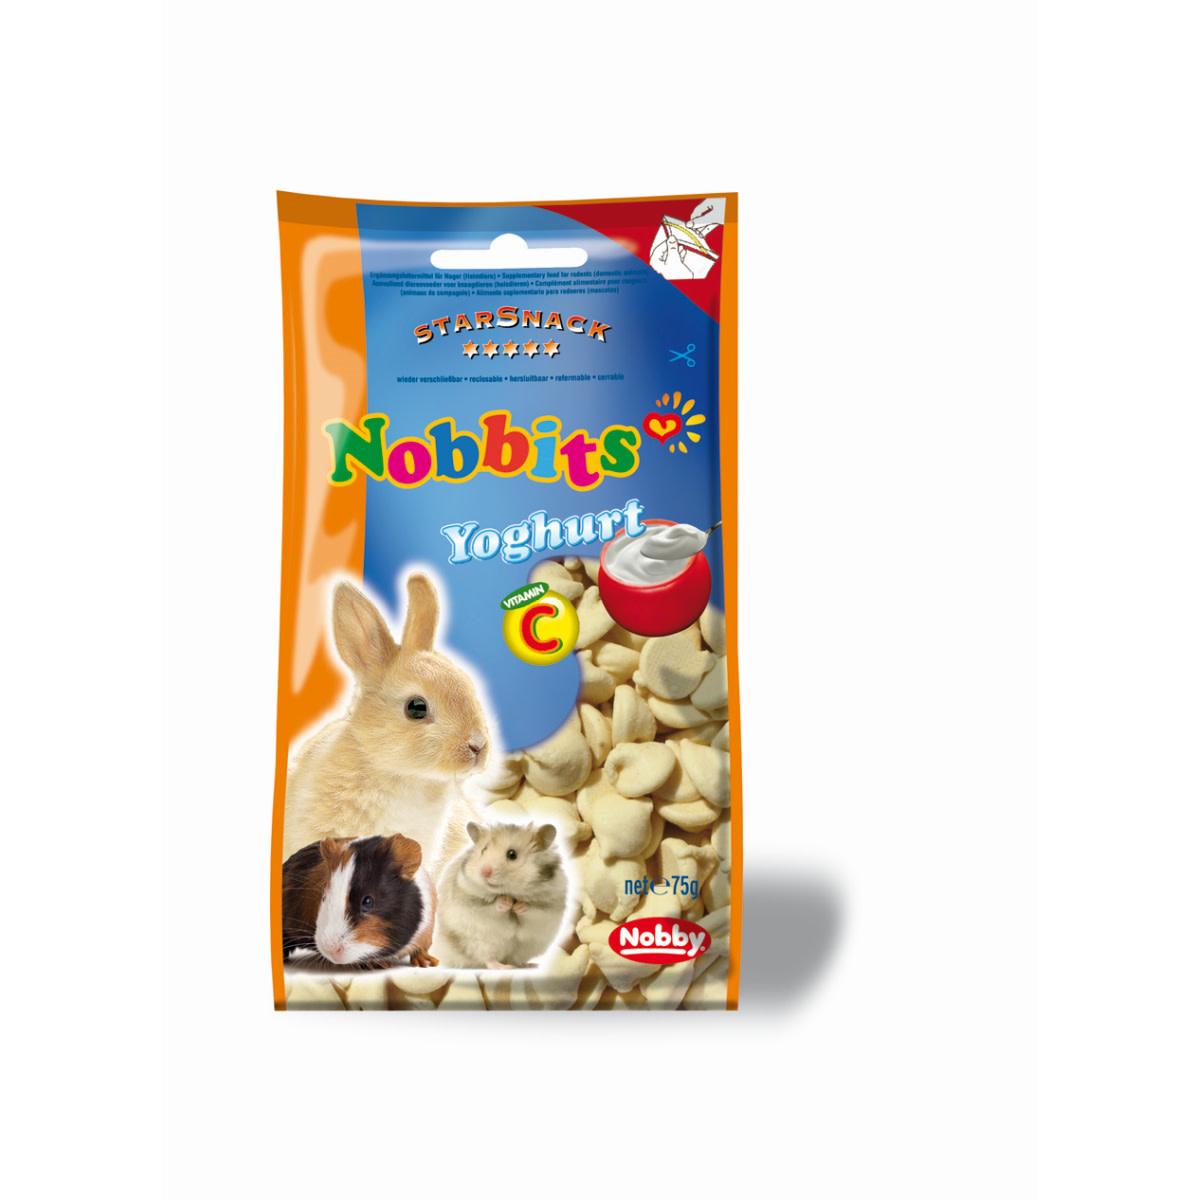 NOBBY NOBBY - NOBBITS YOGHURT